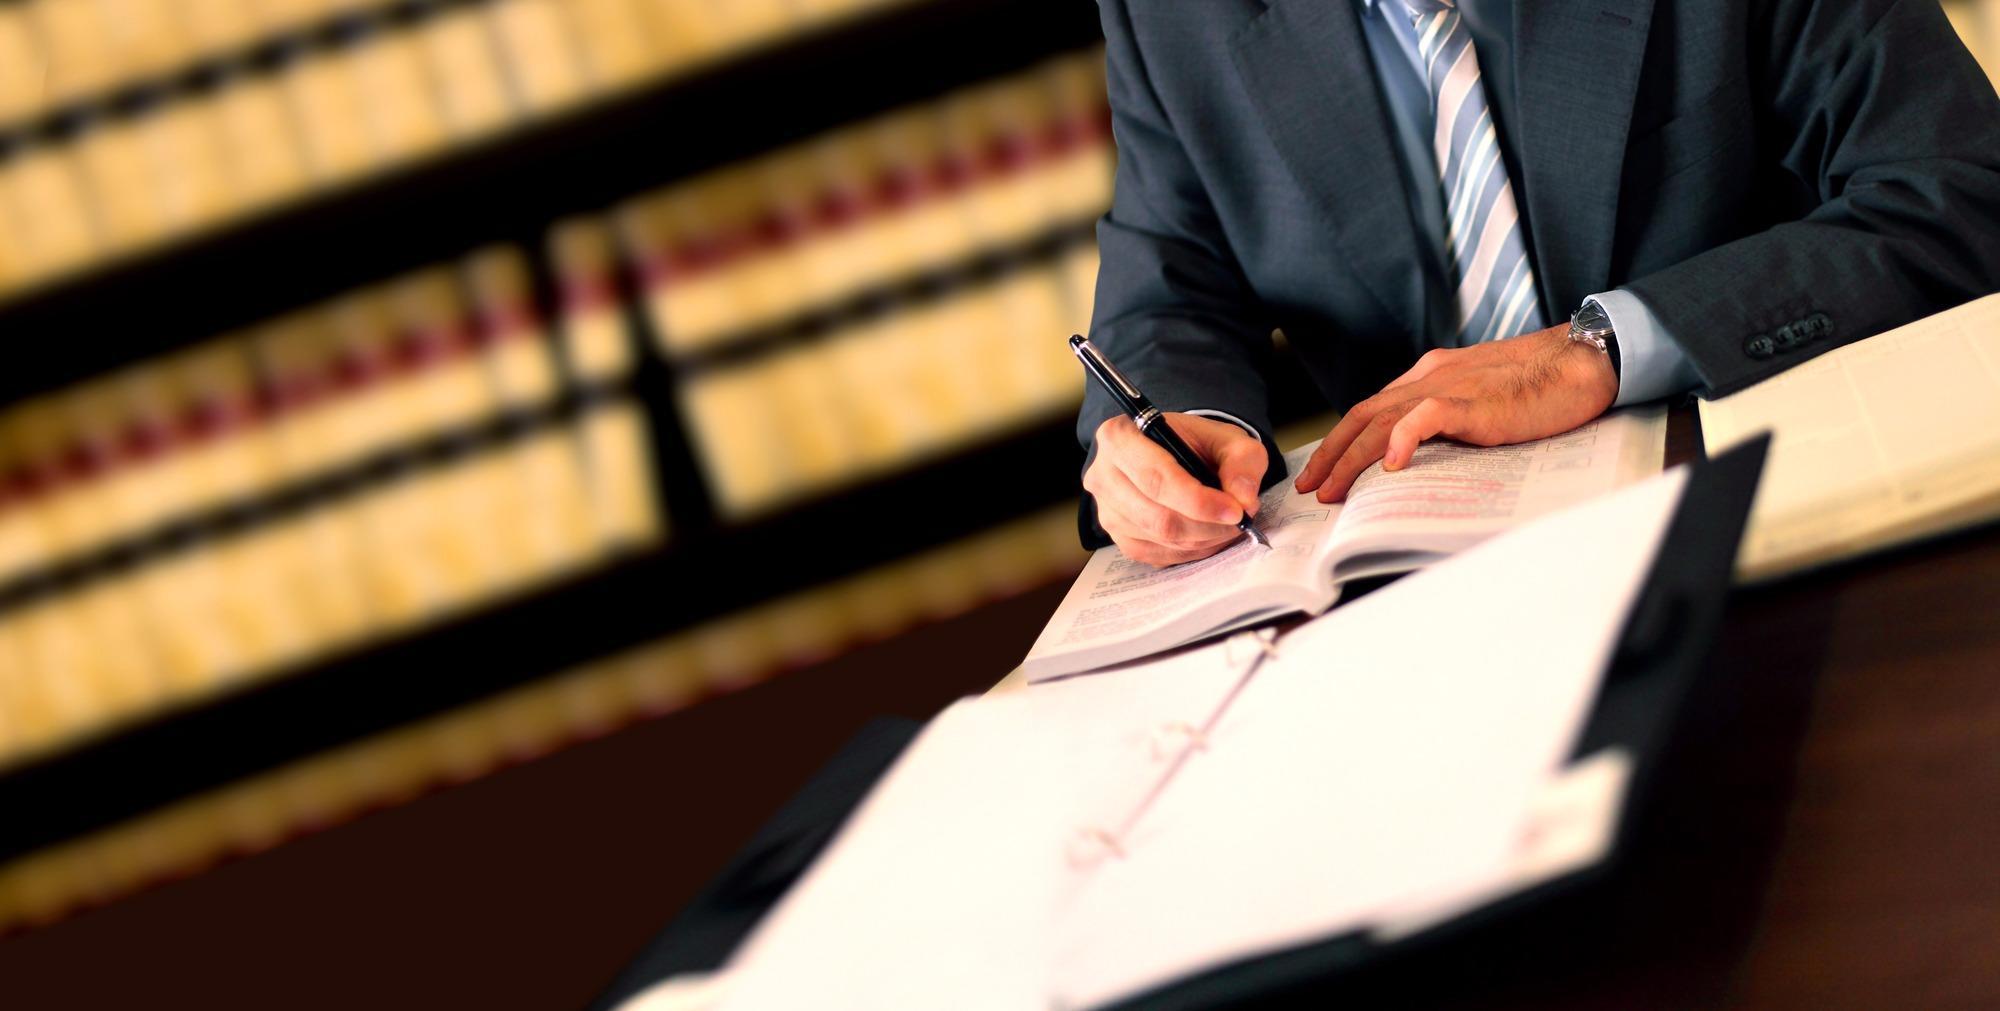 Joe Jimenez Law Offices